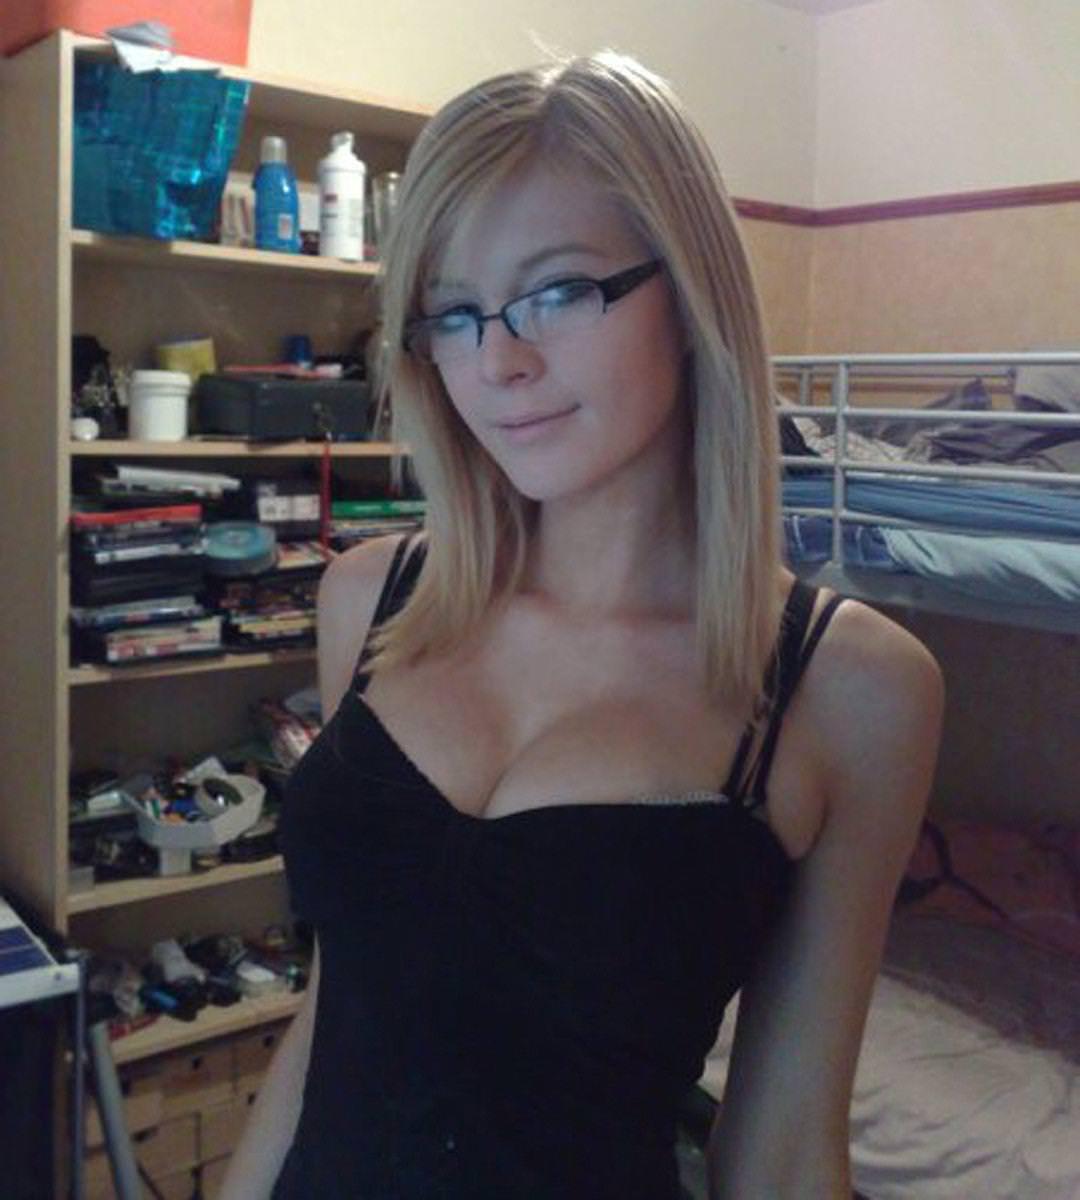 メガネかけてるセクシー外国人 14